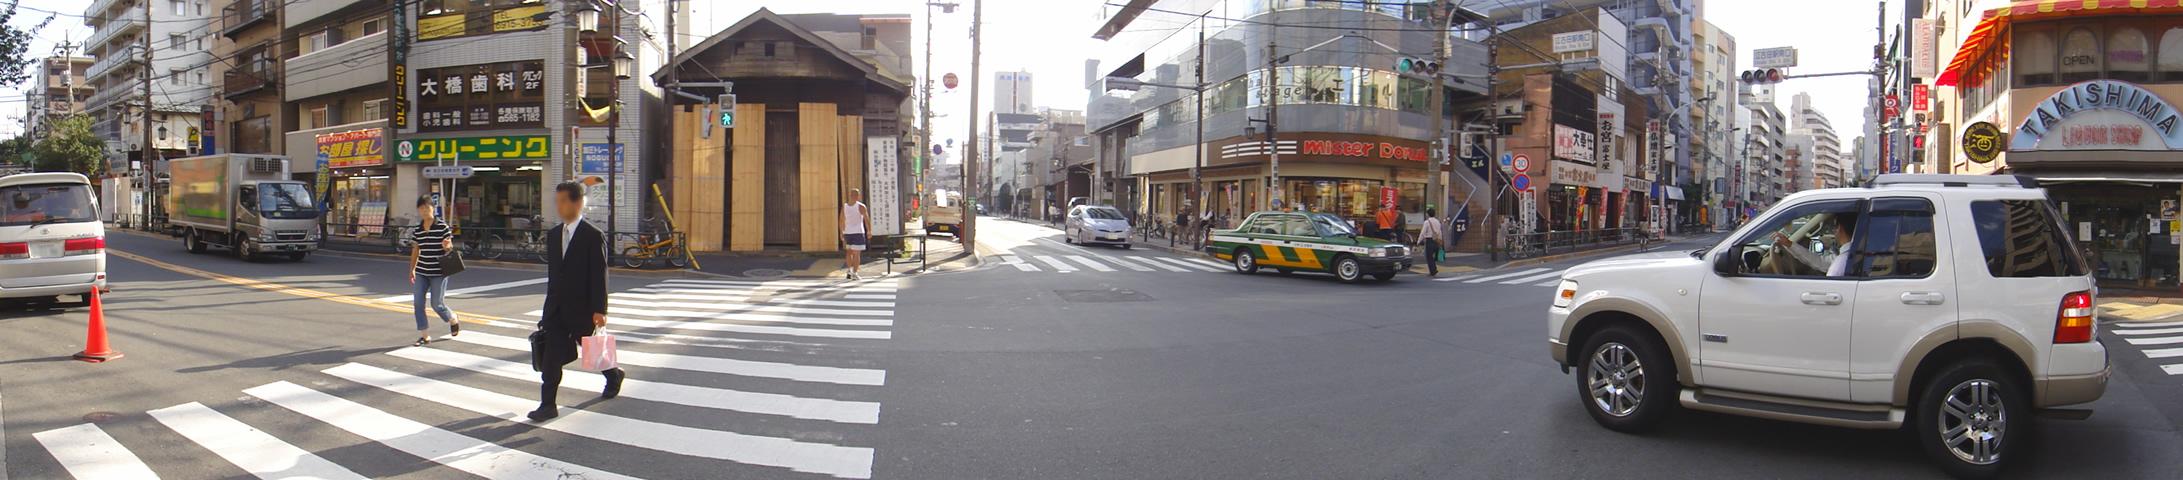 千川通り 向かって右側通り ズット行くと武蔵大学